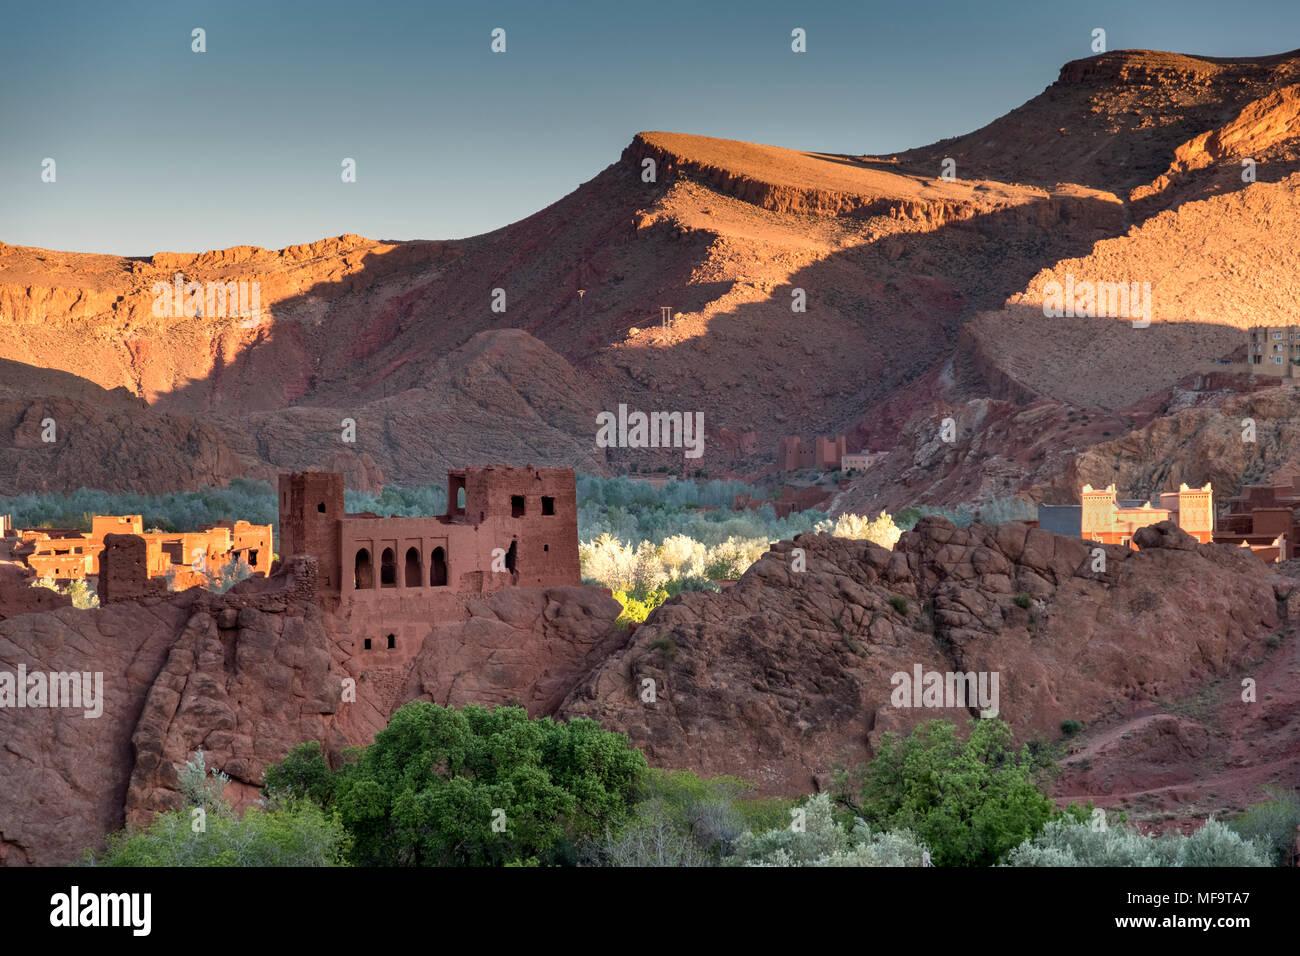 Kasbah abandonada en el espectacular valle del Dades, Marruecos Imagen De Stock